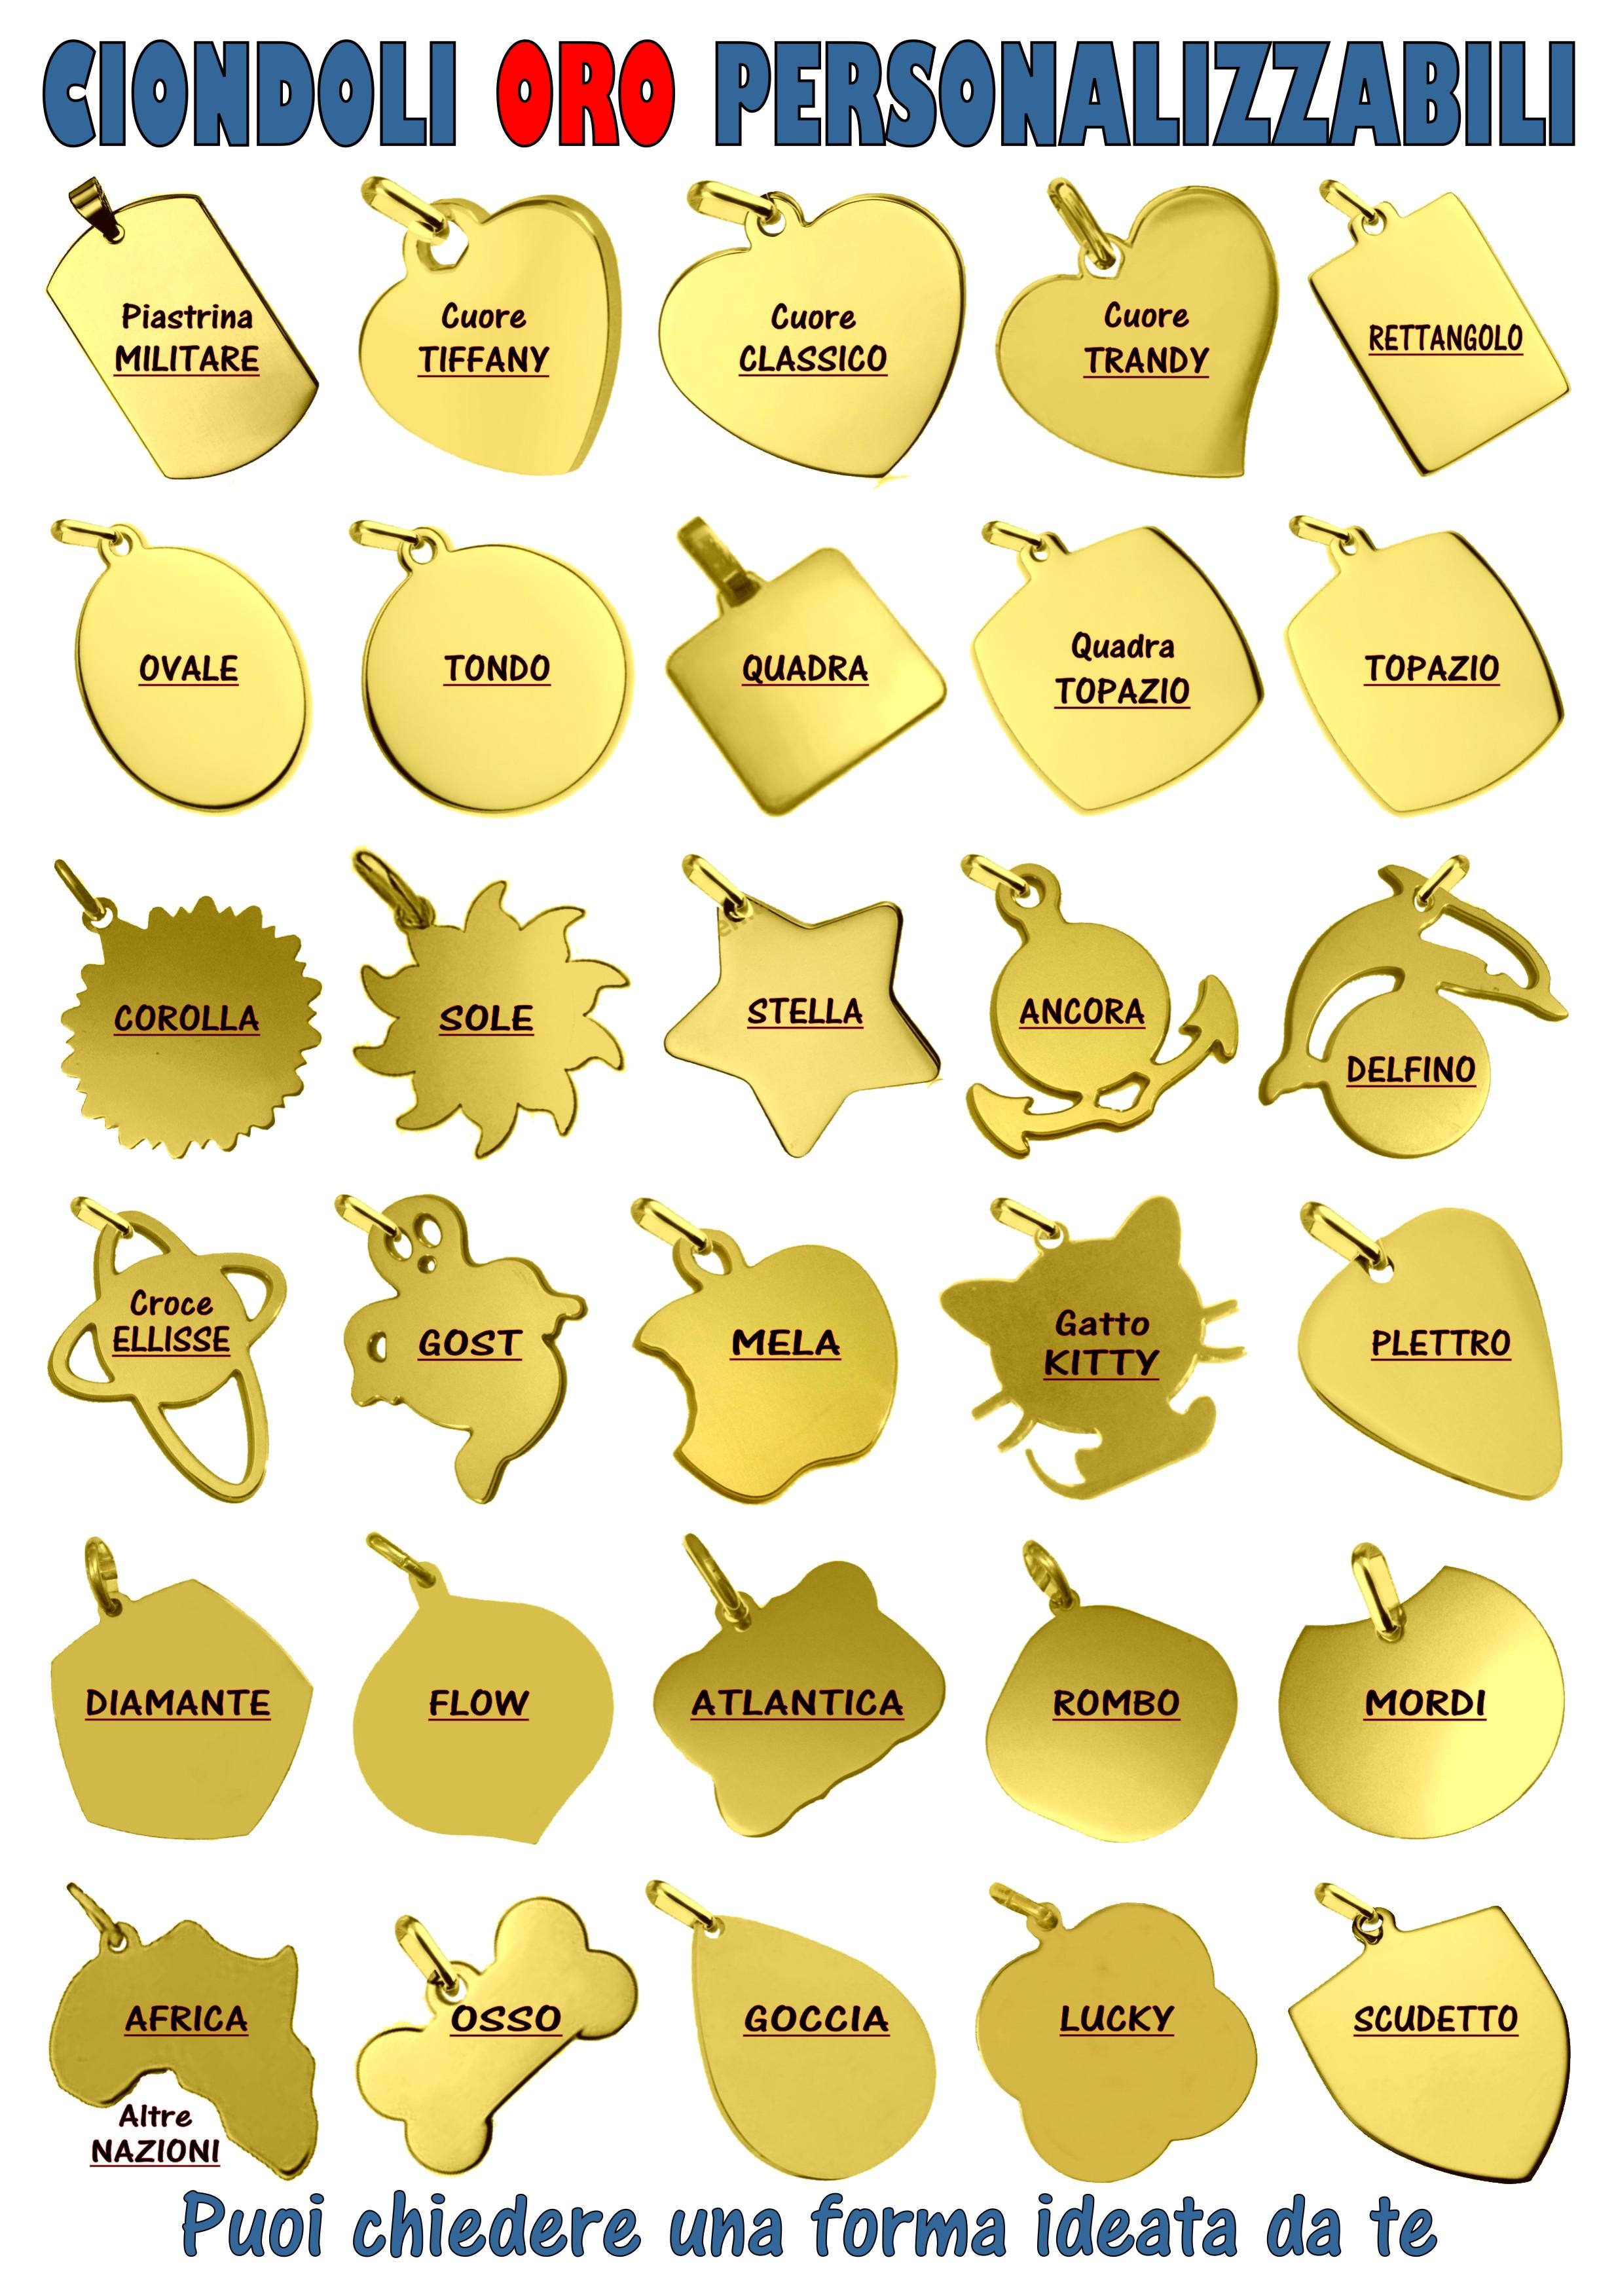 ciondoli oro medaglie da incidere con fotoincisione personalizzata